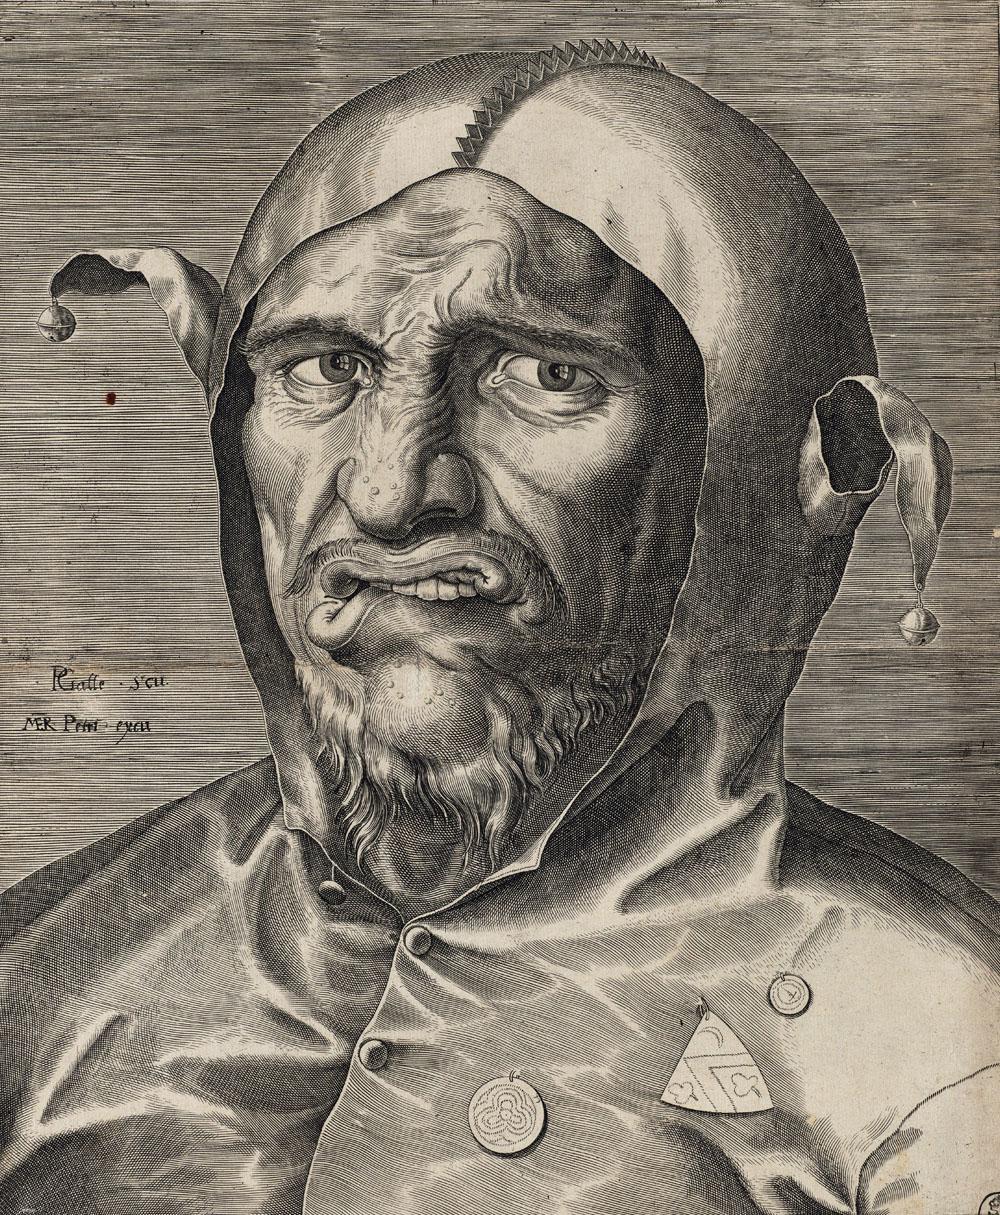 Hieronymus Bosch: Philips Galle (1537-1612): Kopf eines Narren, um 1560